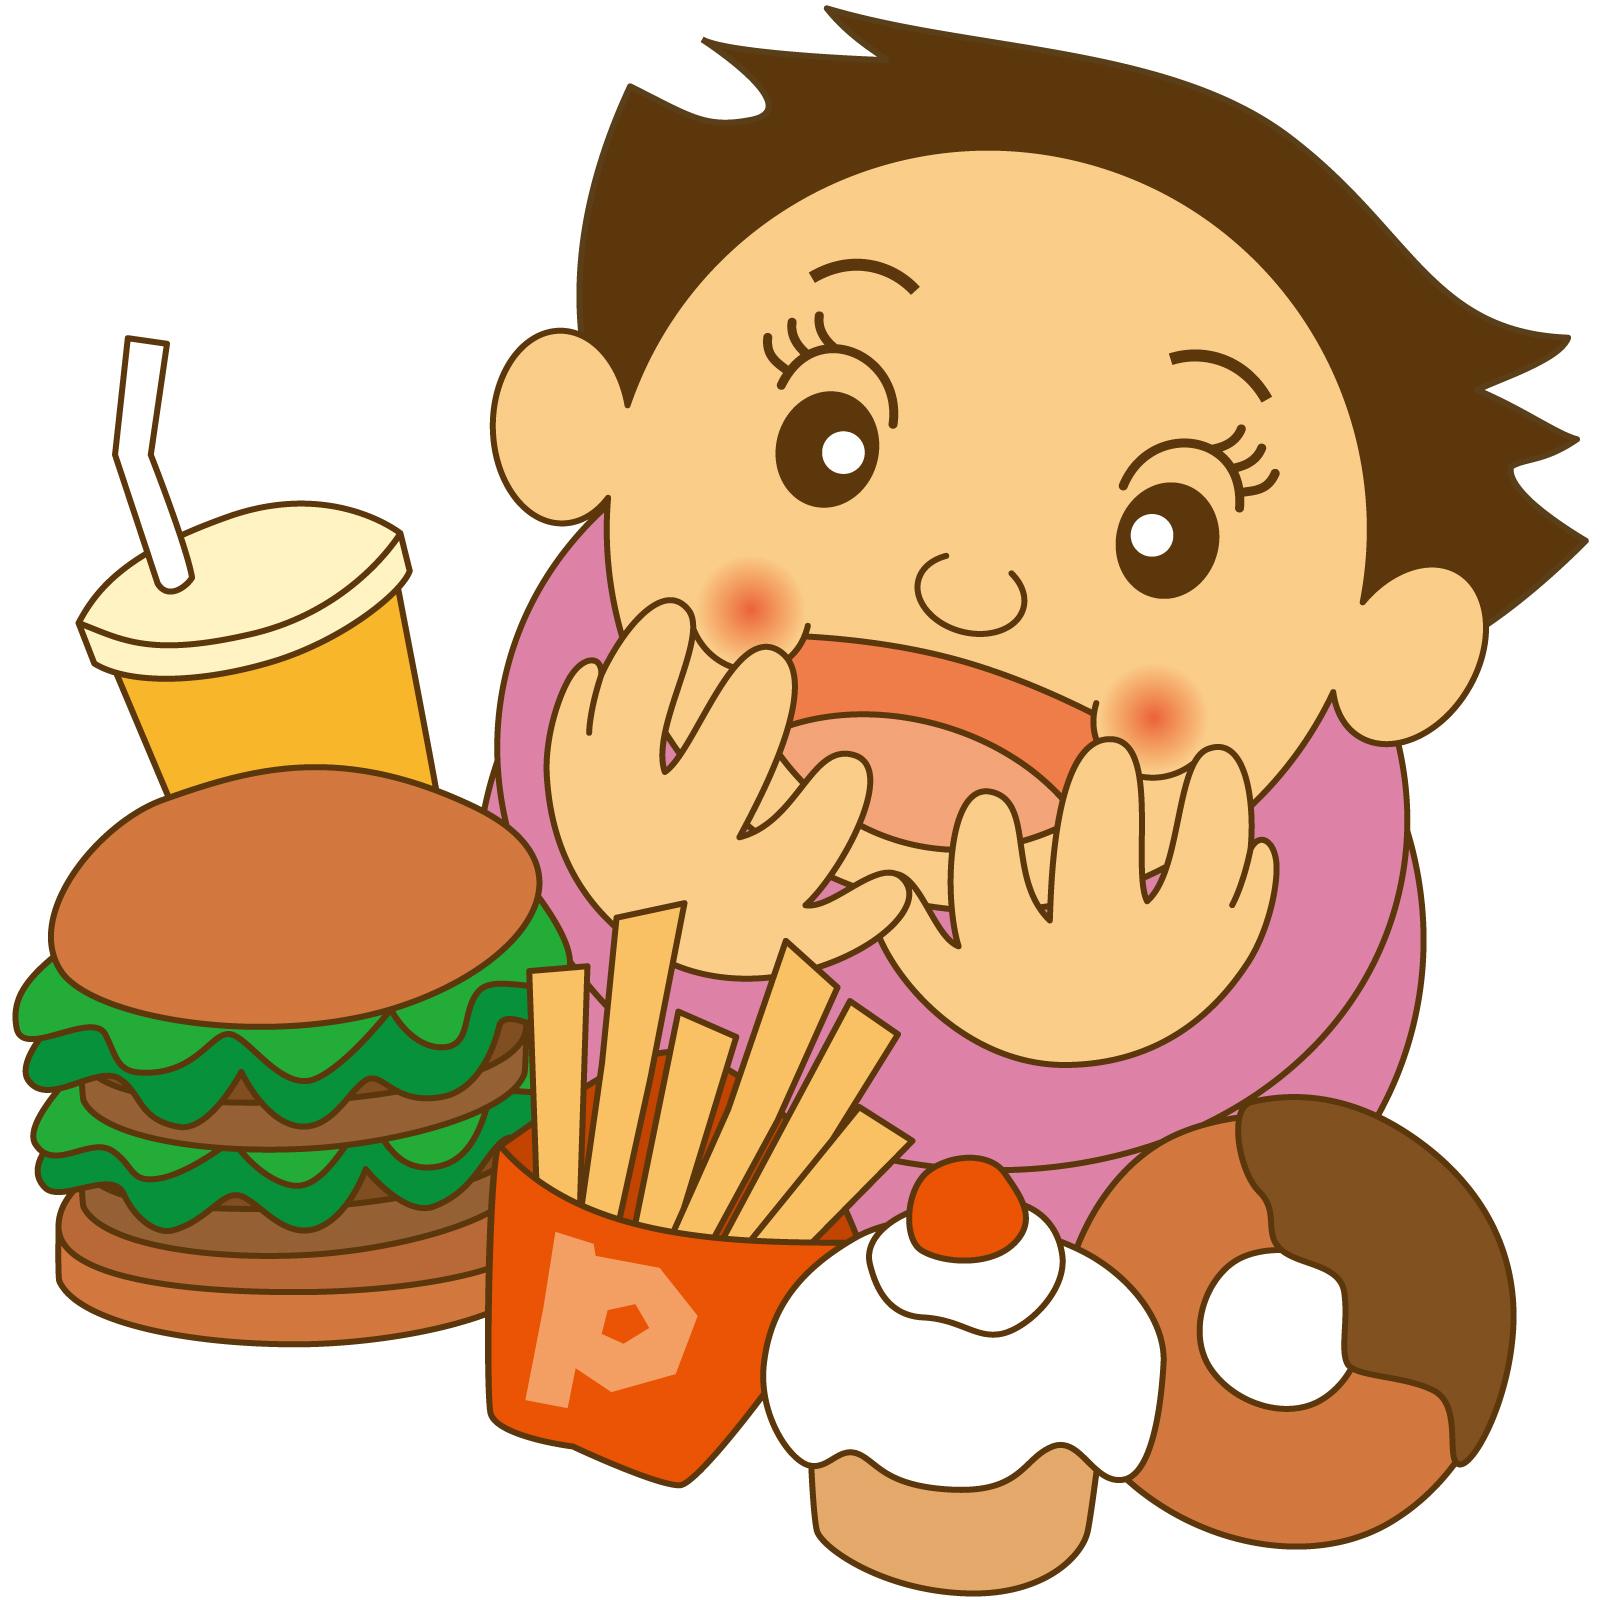 糖尿病を予防するために行うべきこと。ストレス解消、禁煙など